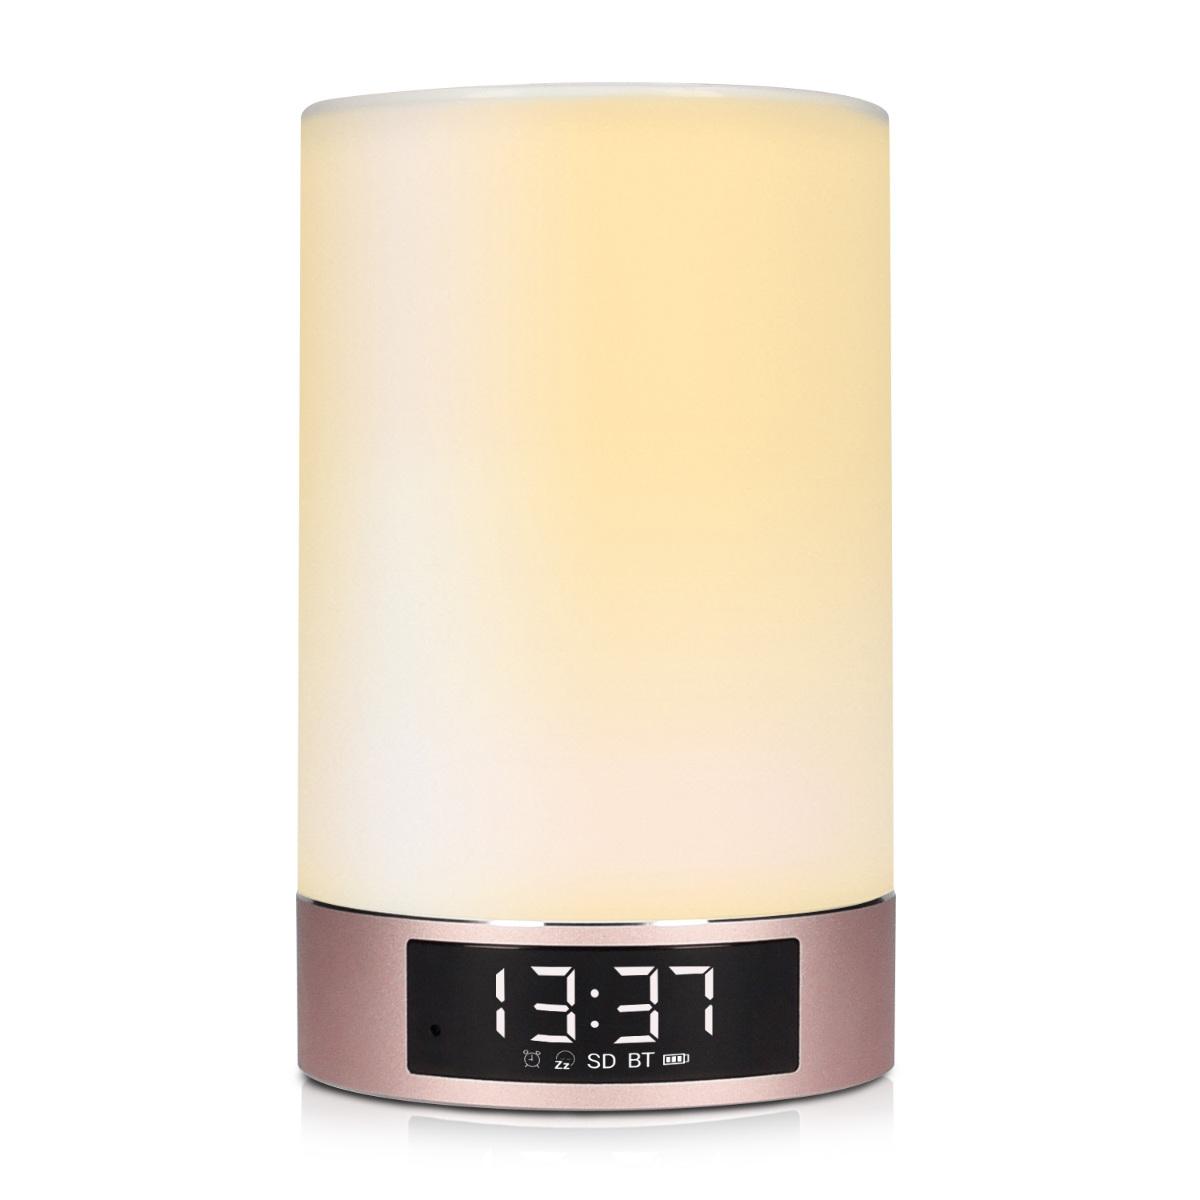 kwmobile bluetooth lautsprecher mit led licht wecker mit. Black Bedroom Furniture Sets. Home Design Ideas